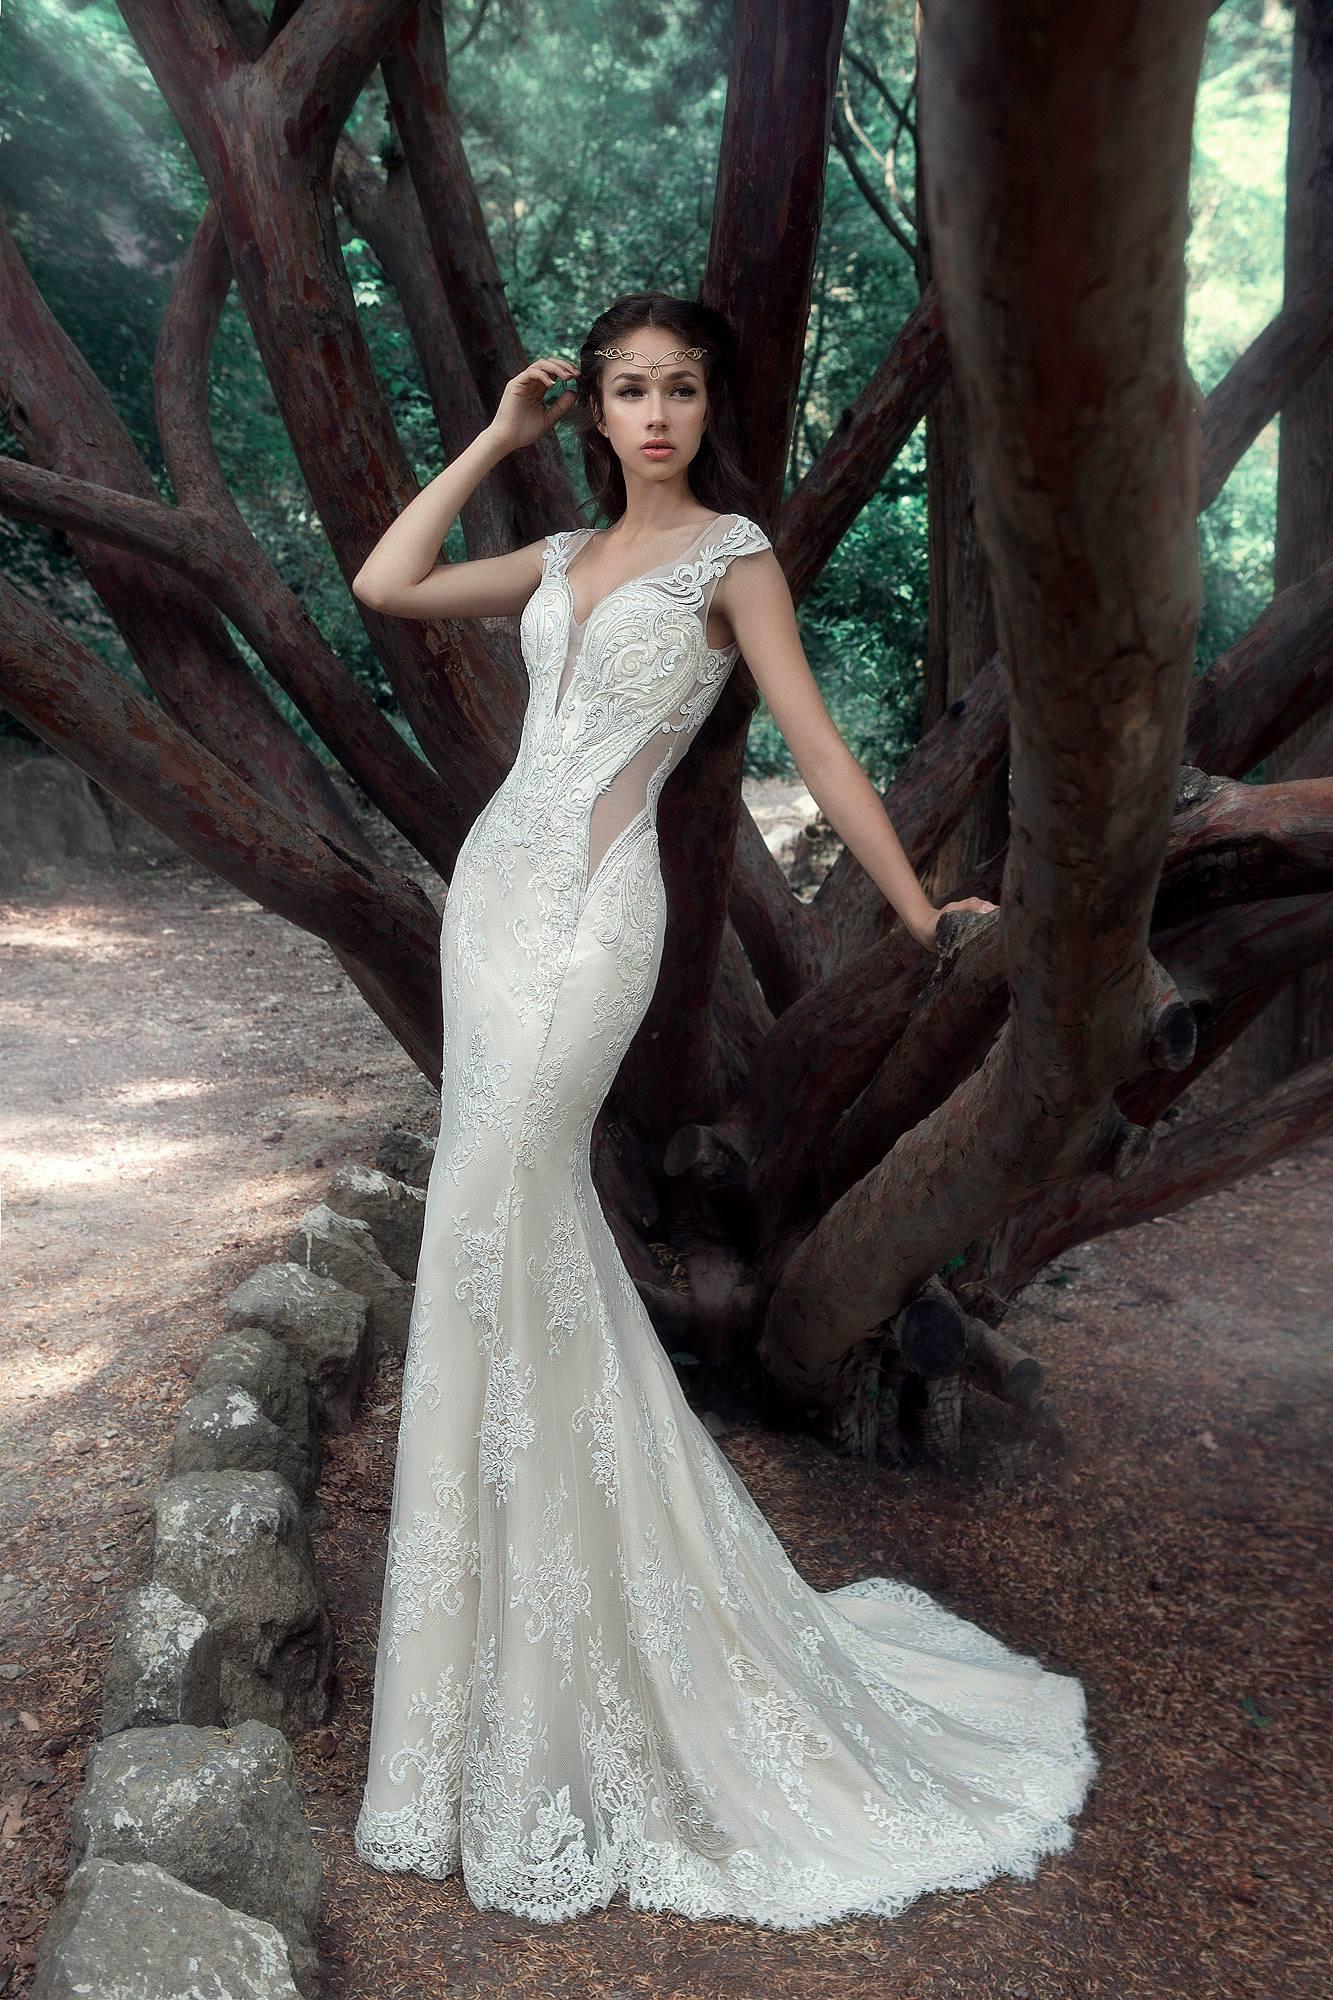 Wedding dress $600, size 6-8